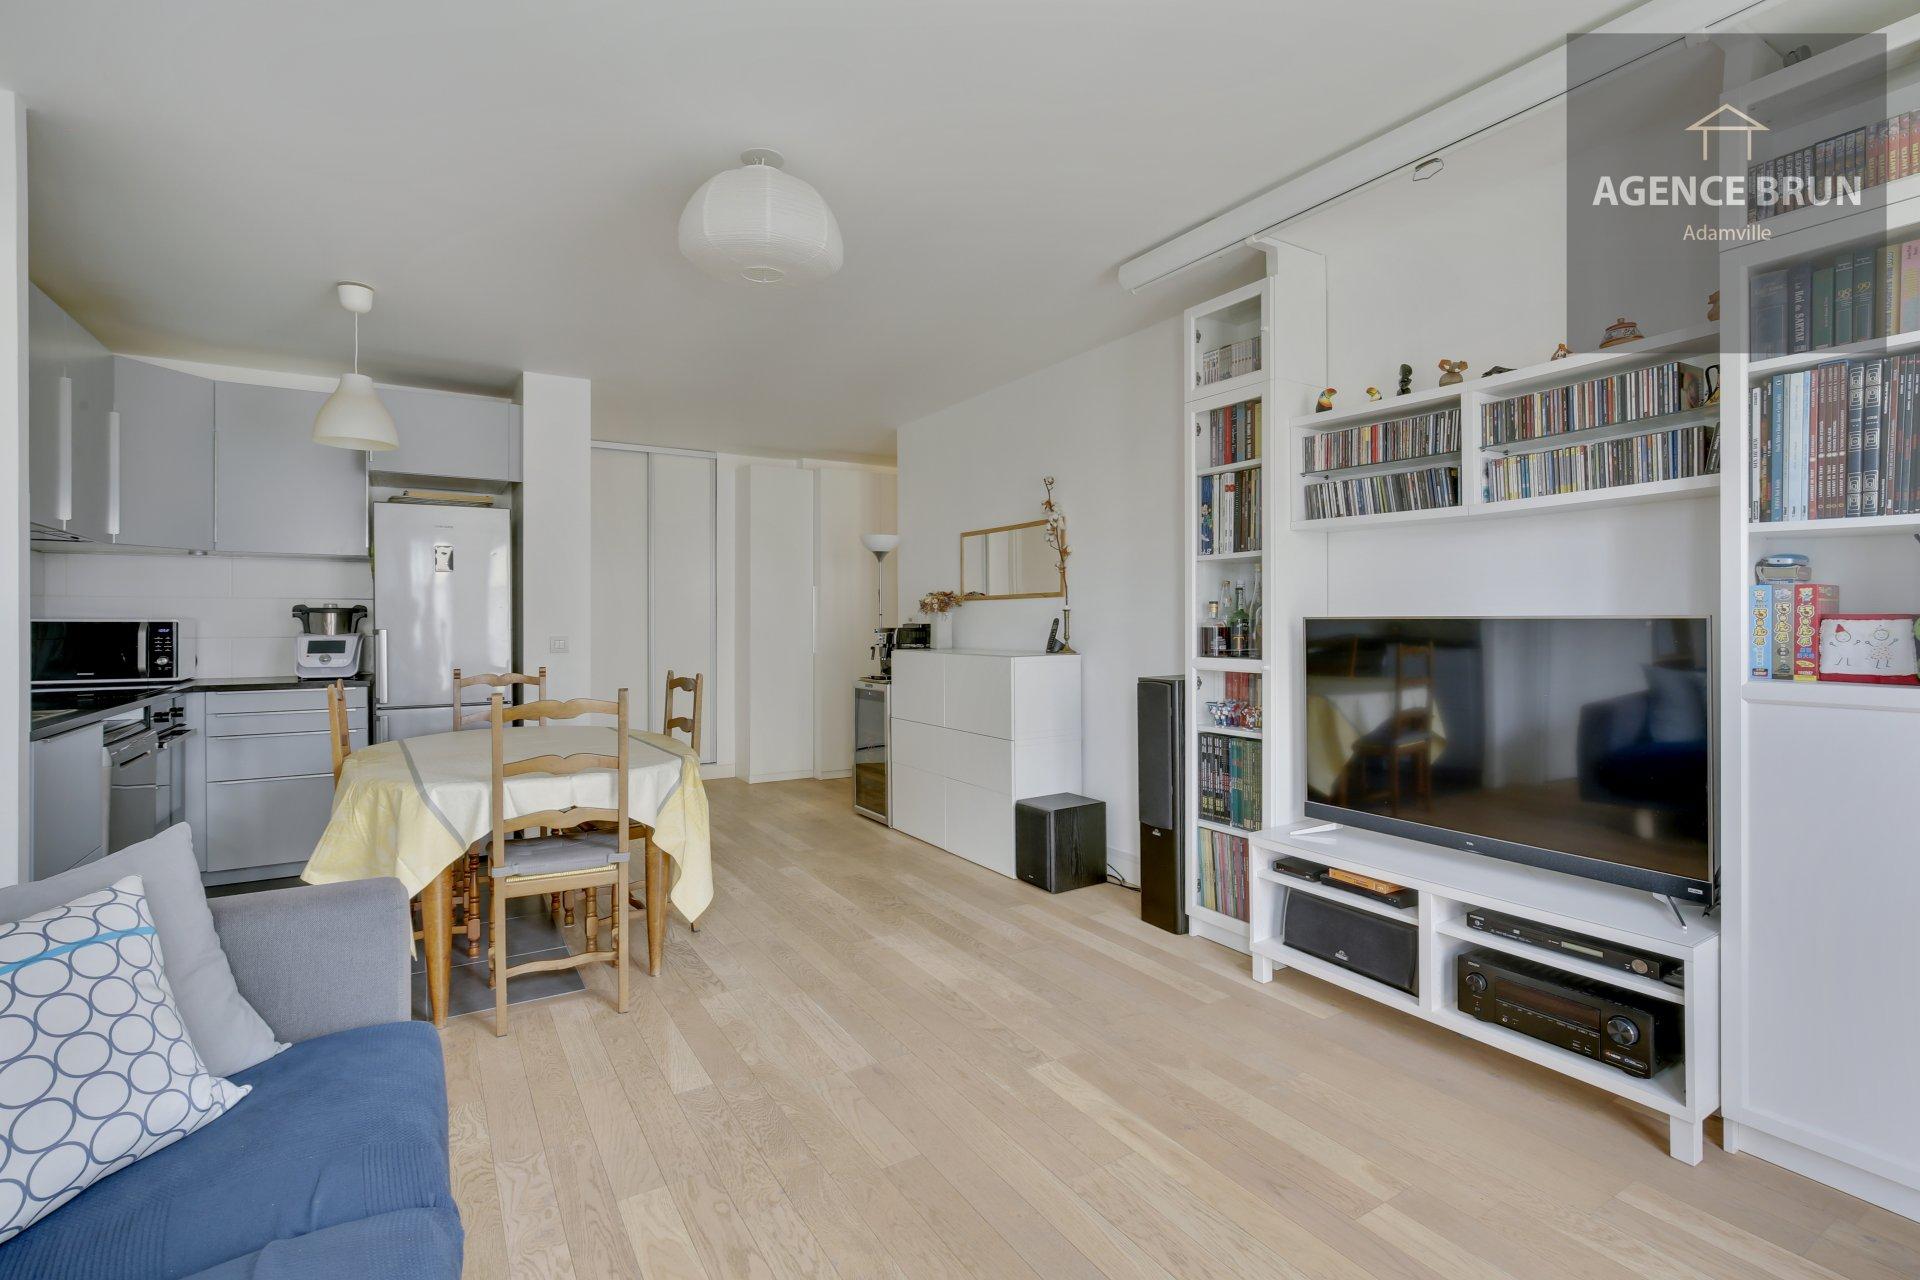 PUTEAUX Appartement 4 pièces 81m² CENTRE VILLE VIEUX PUTEAUX